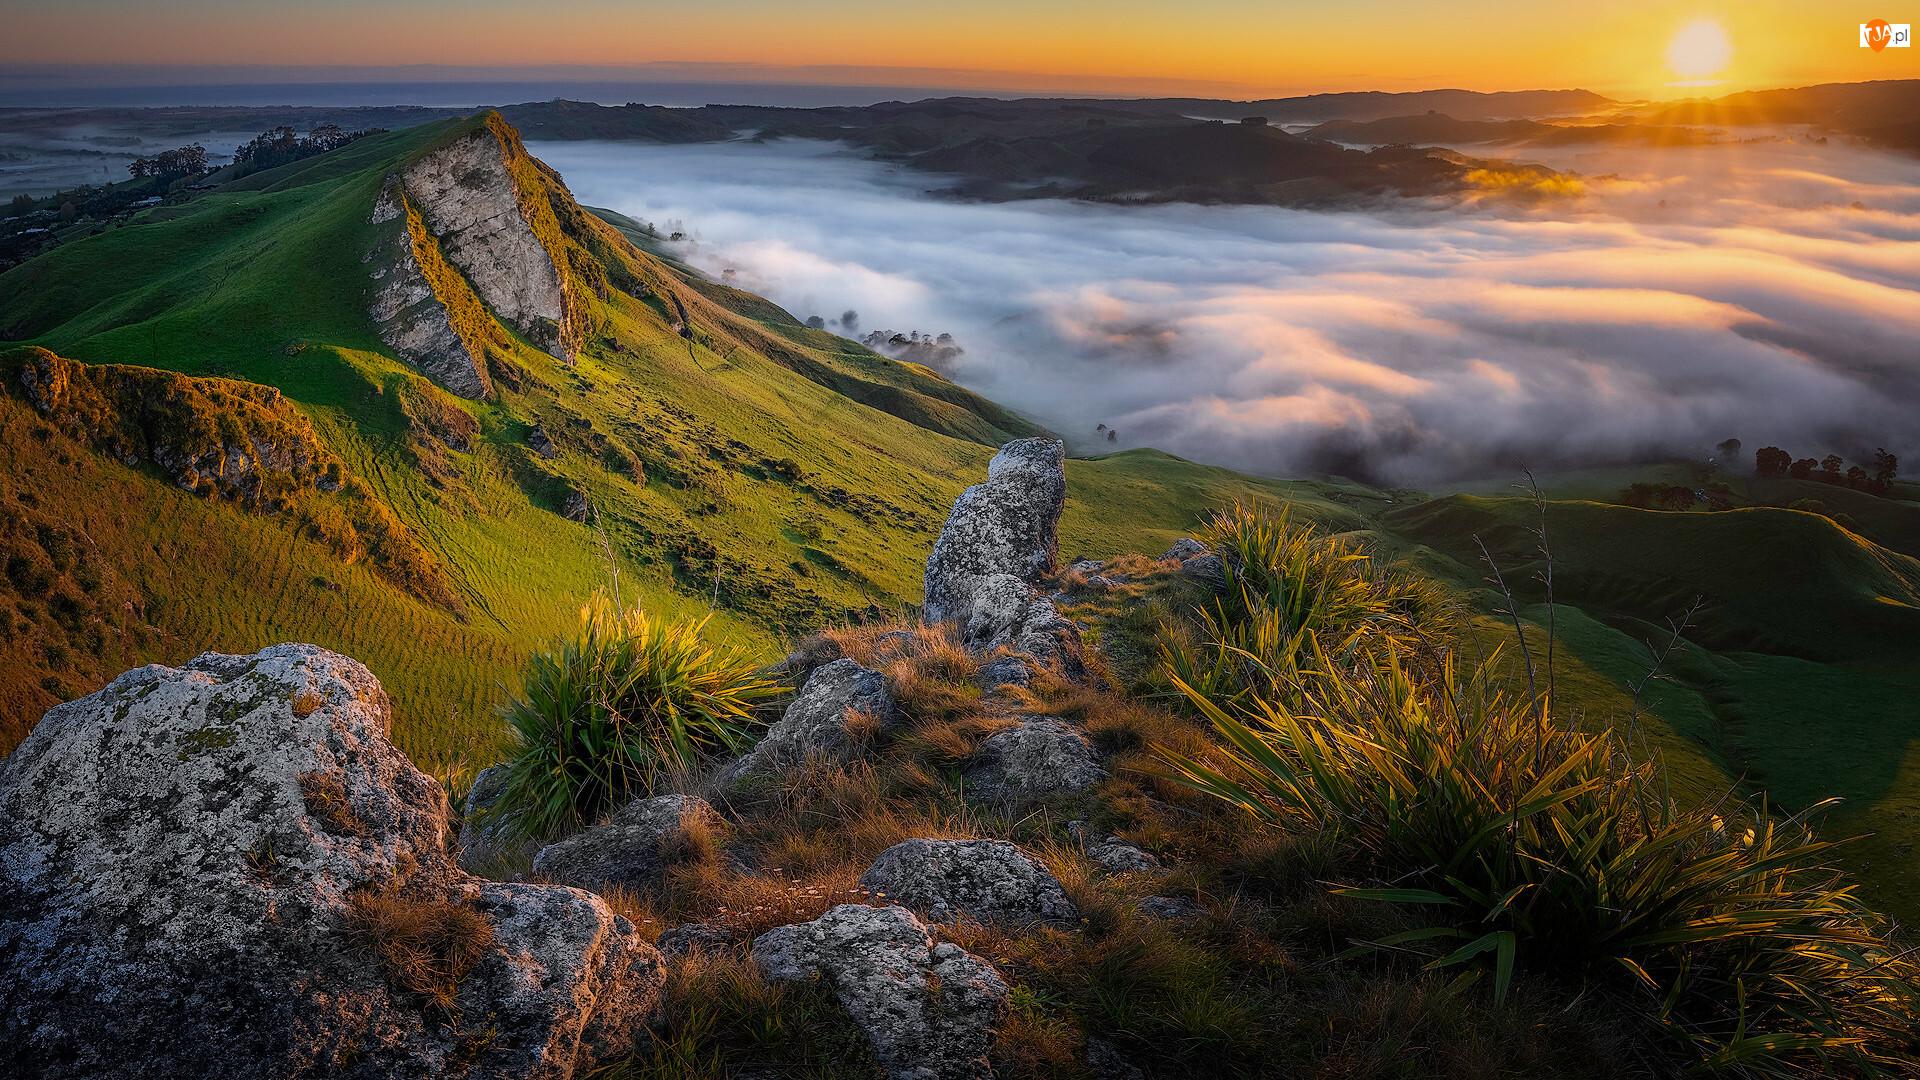 Nowa Zelandia, Góry, Tuki Tuki Valley, Rośliny, Dolina, Opadająca, Mgła, Wschód słońca, Skały